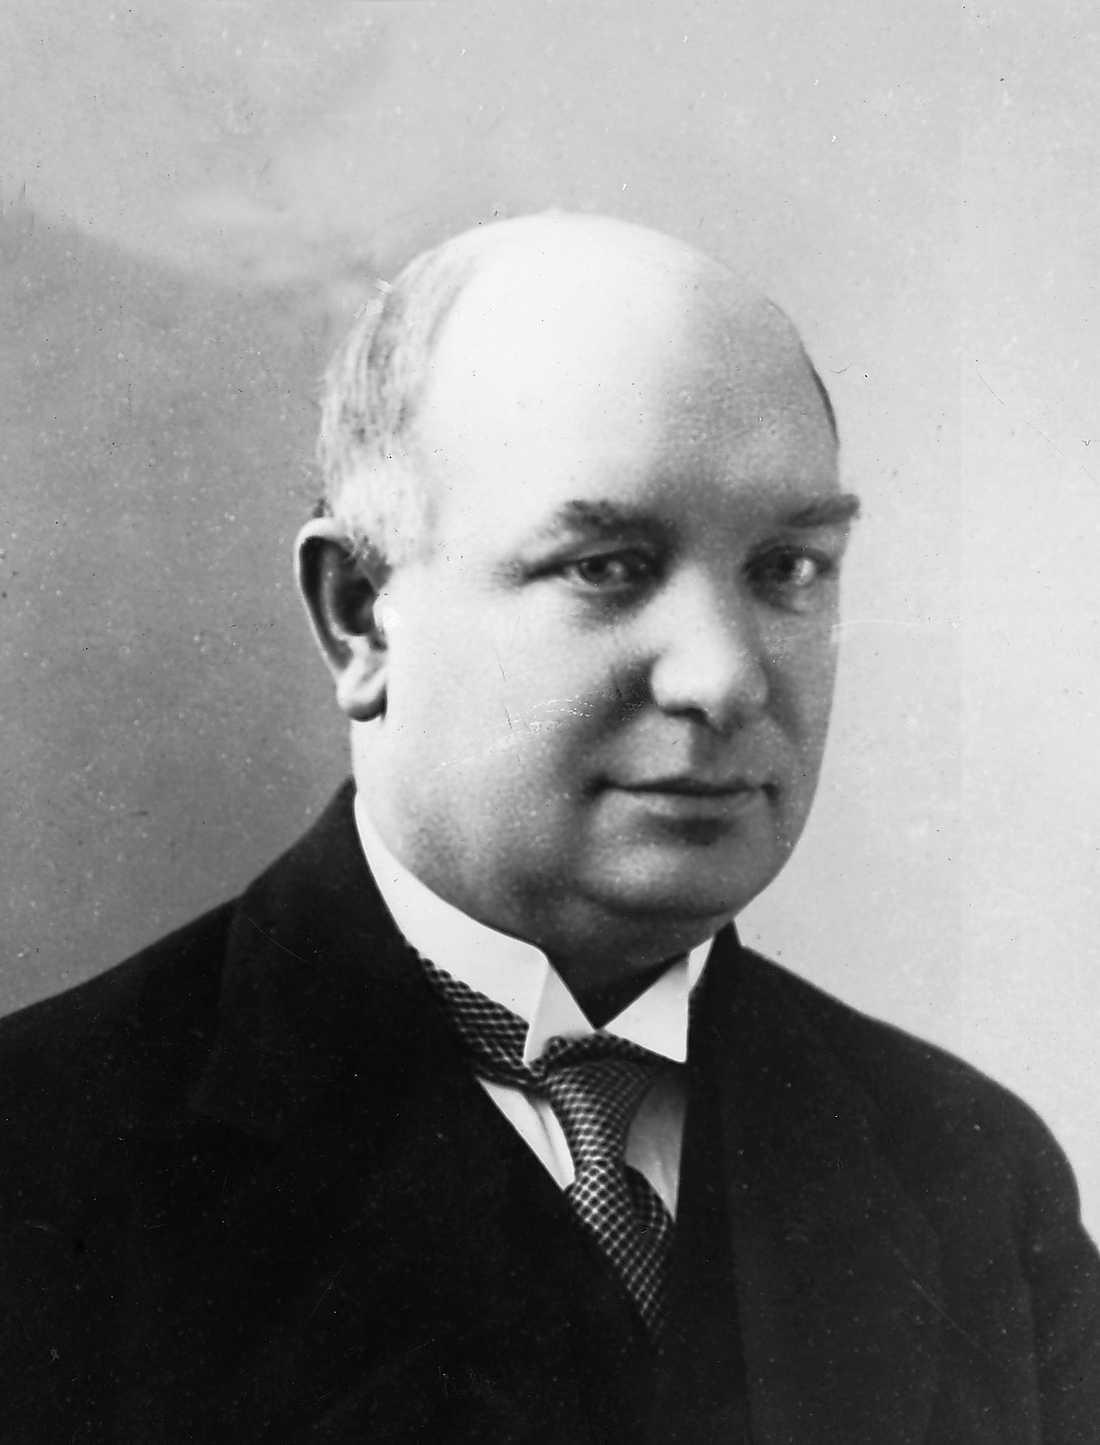 Statsministern Per Albin Hansson, till exempel, levde i många år med två familjer. De bodde nära varandra i Stockholm och han brukade gå från den ena till den andra. Tidningarna kände väl till historien men skrev aldrig om den.